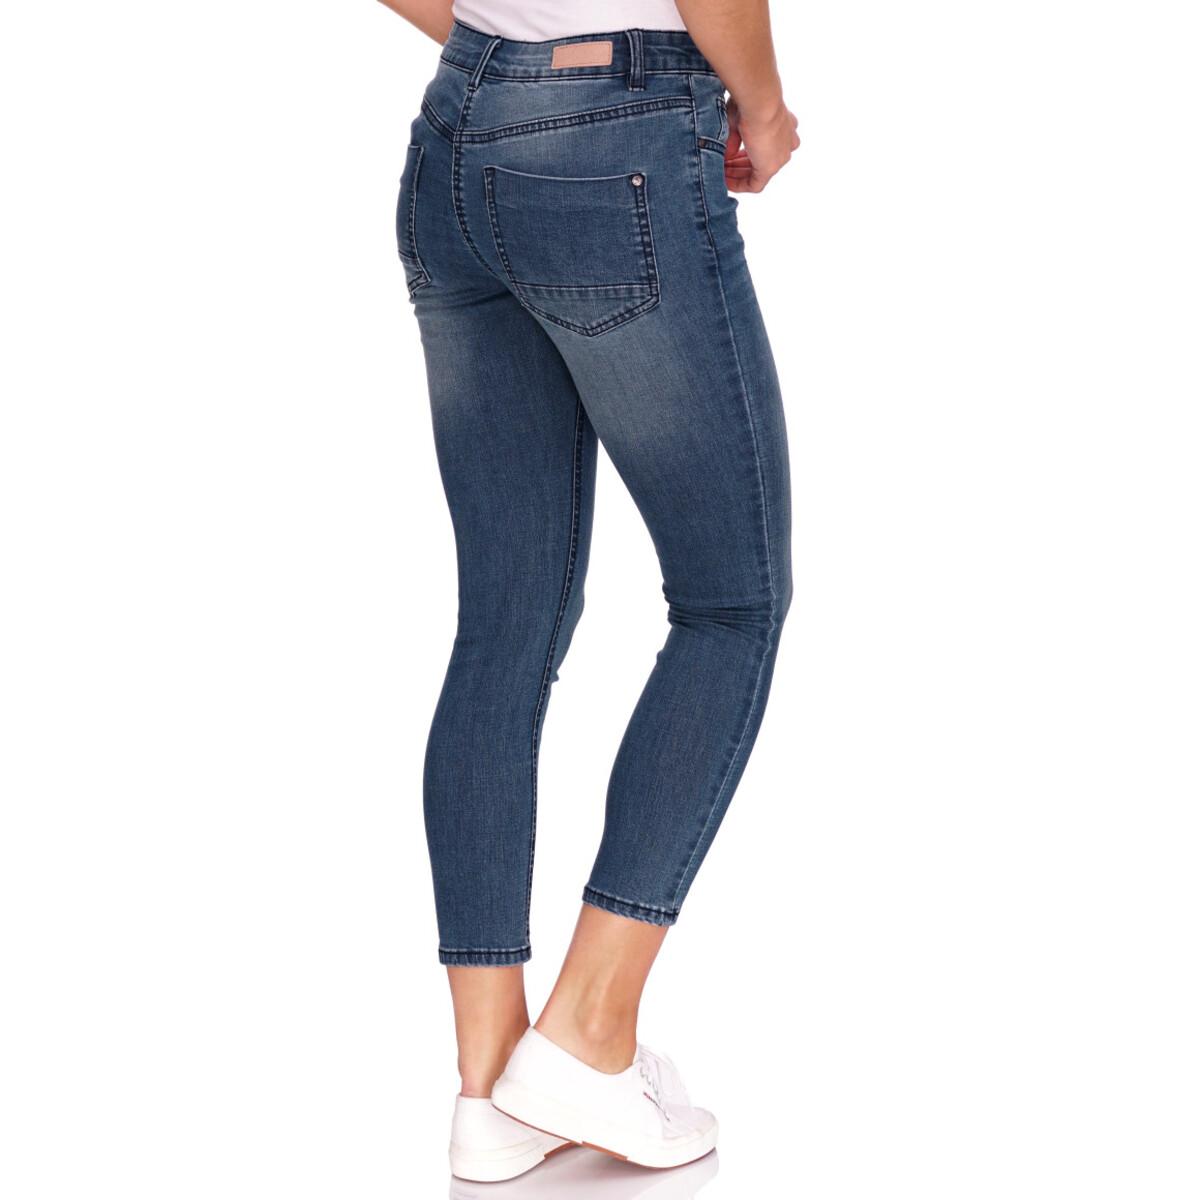 Bild 3 von 7/8 Damen Slim-Jeans mit Used-Waschung